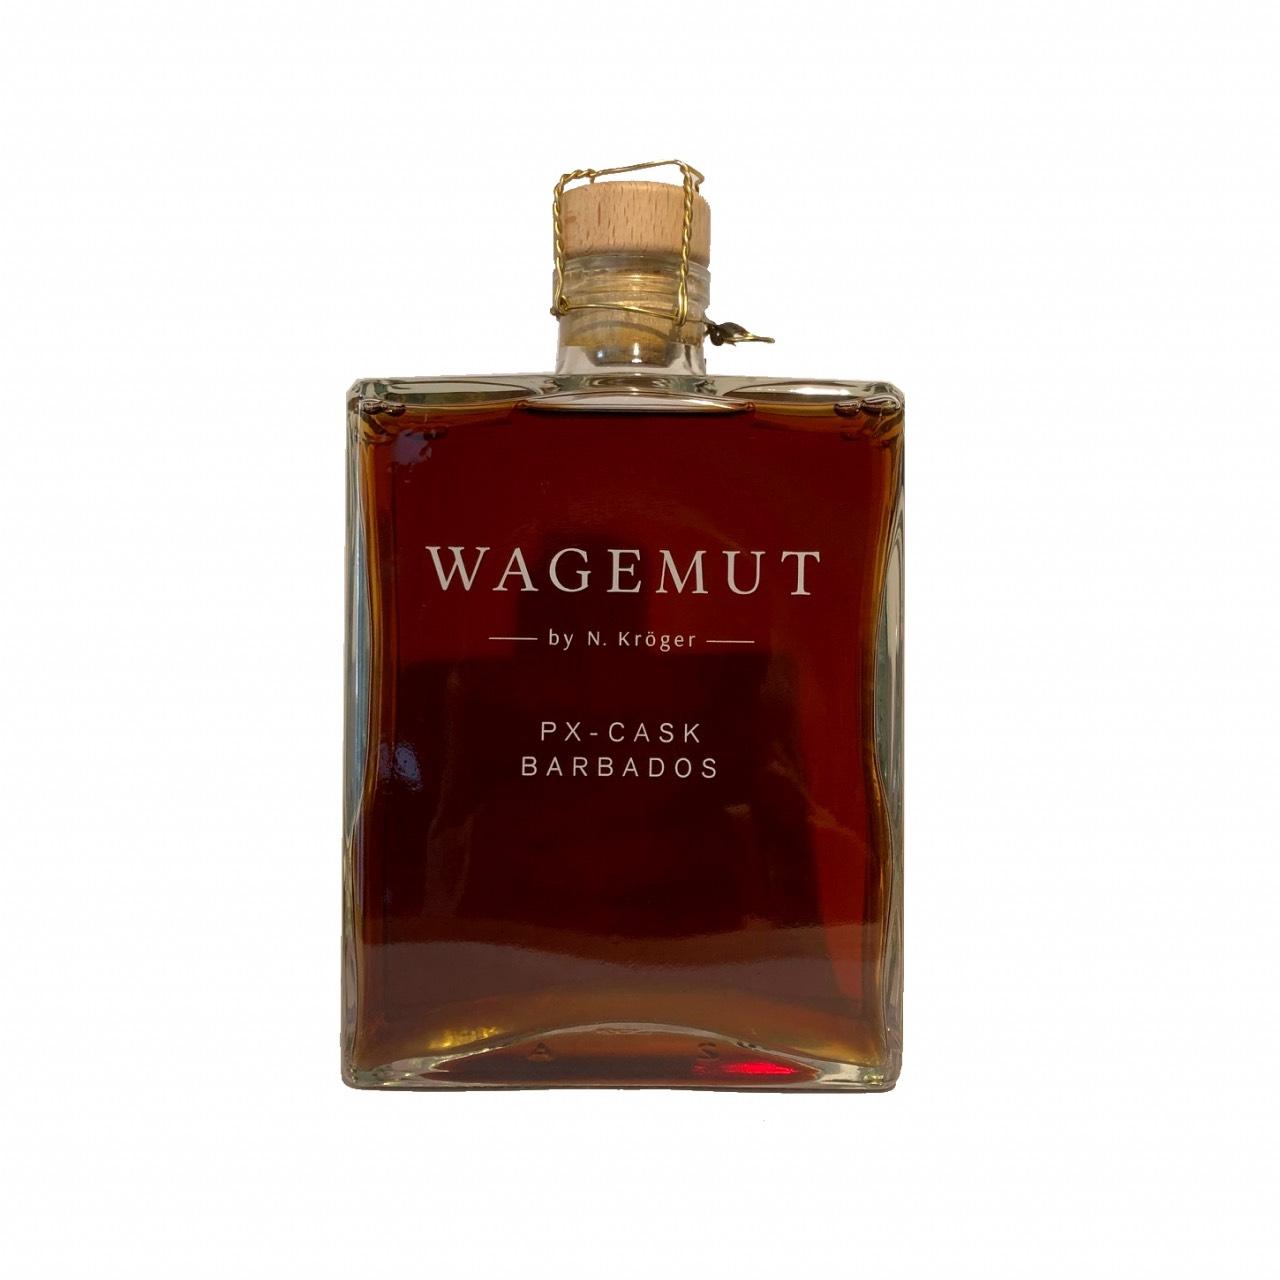 Bottle image of Wagemut PX-Cask